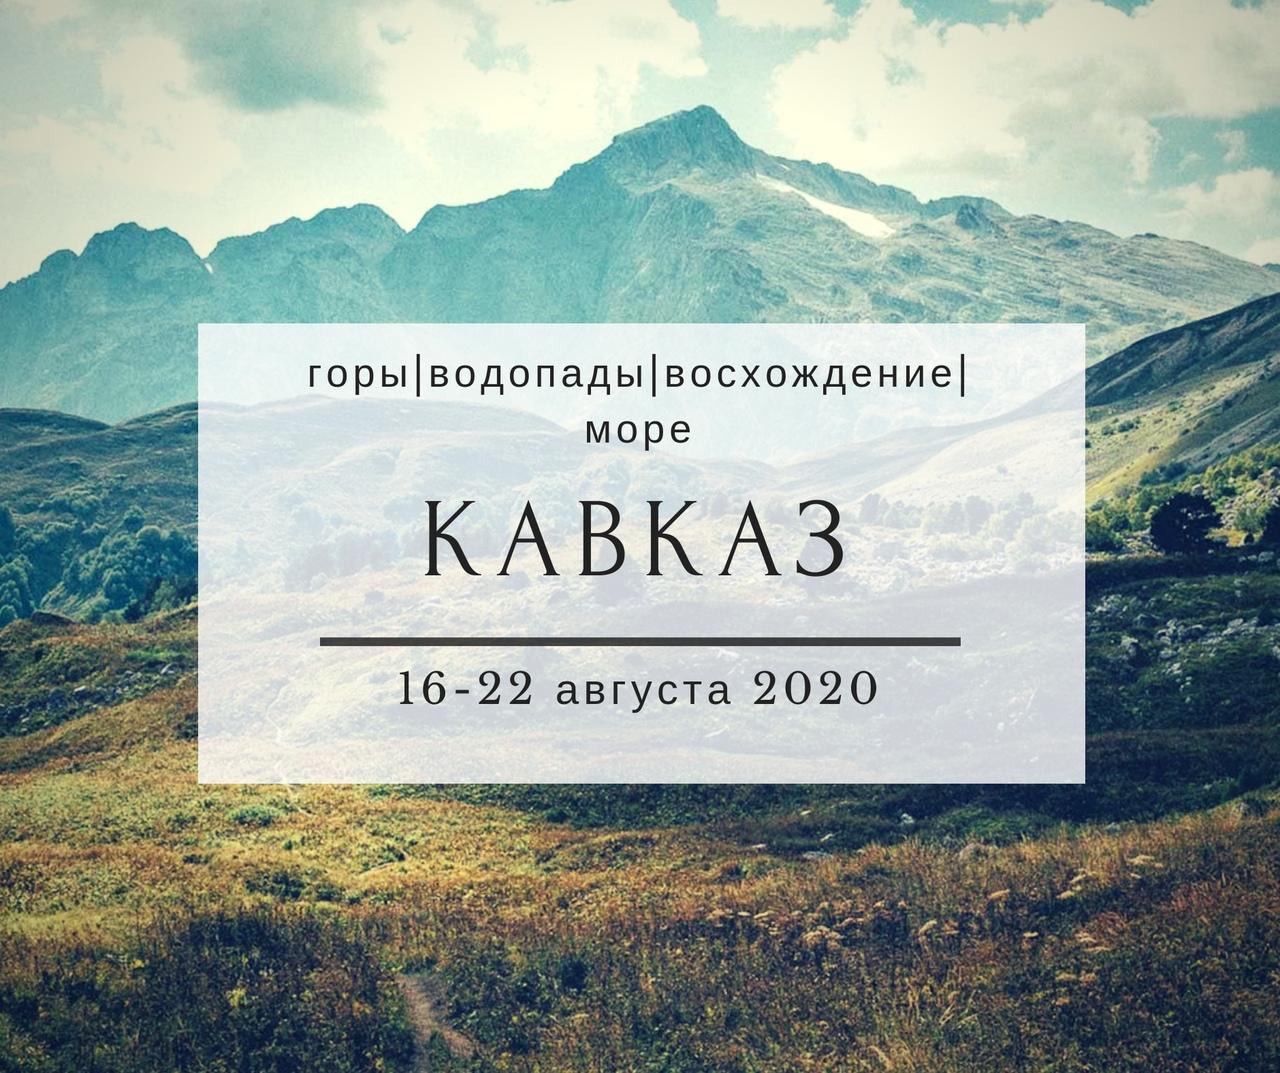 Афиша Тюмень ЛЕГЕНДА №30. ЧЕРЕЗ ГОРЫ К МОРЮ 16-22 АВГУСТА